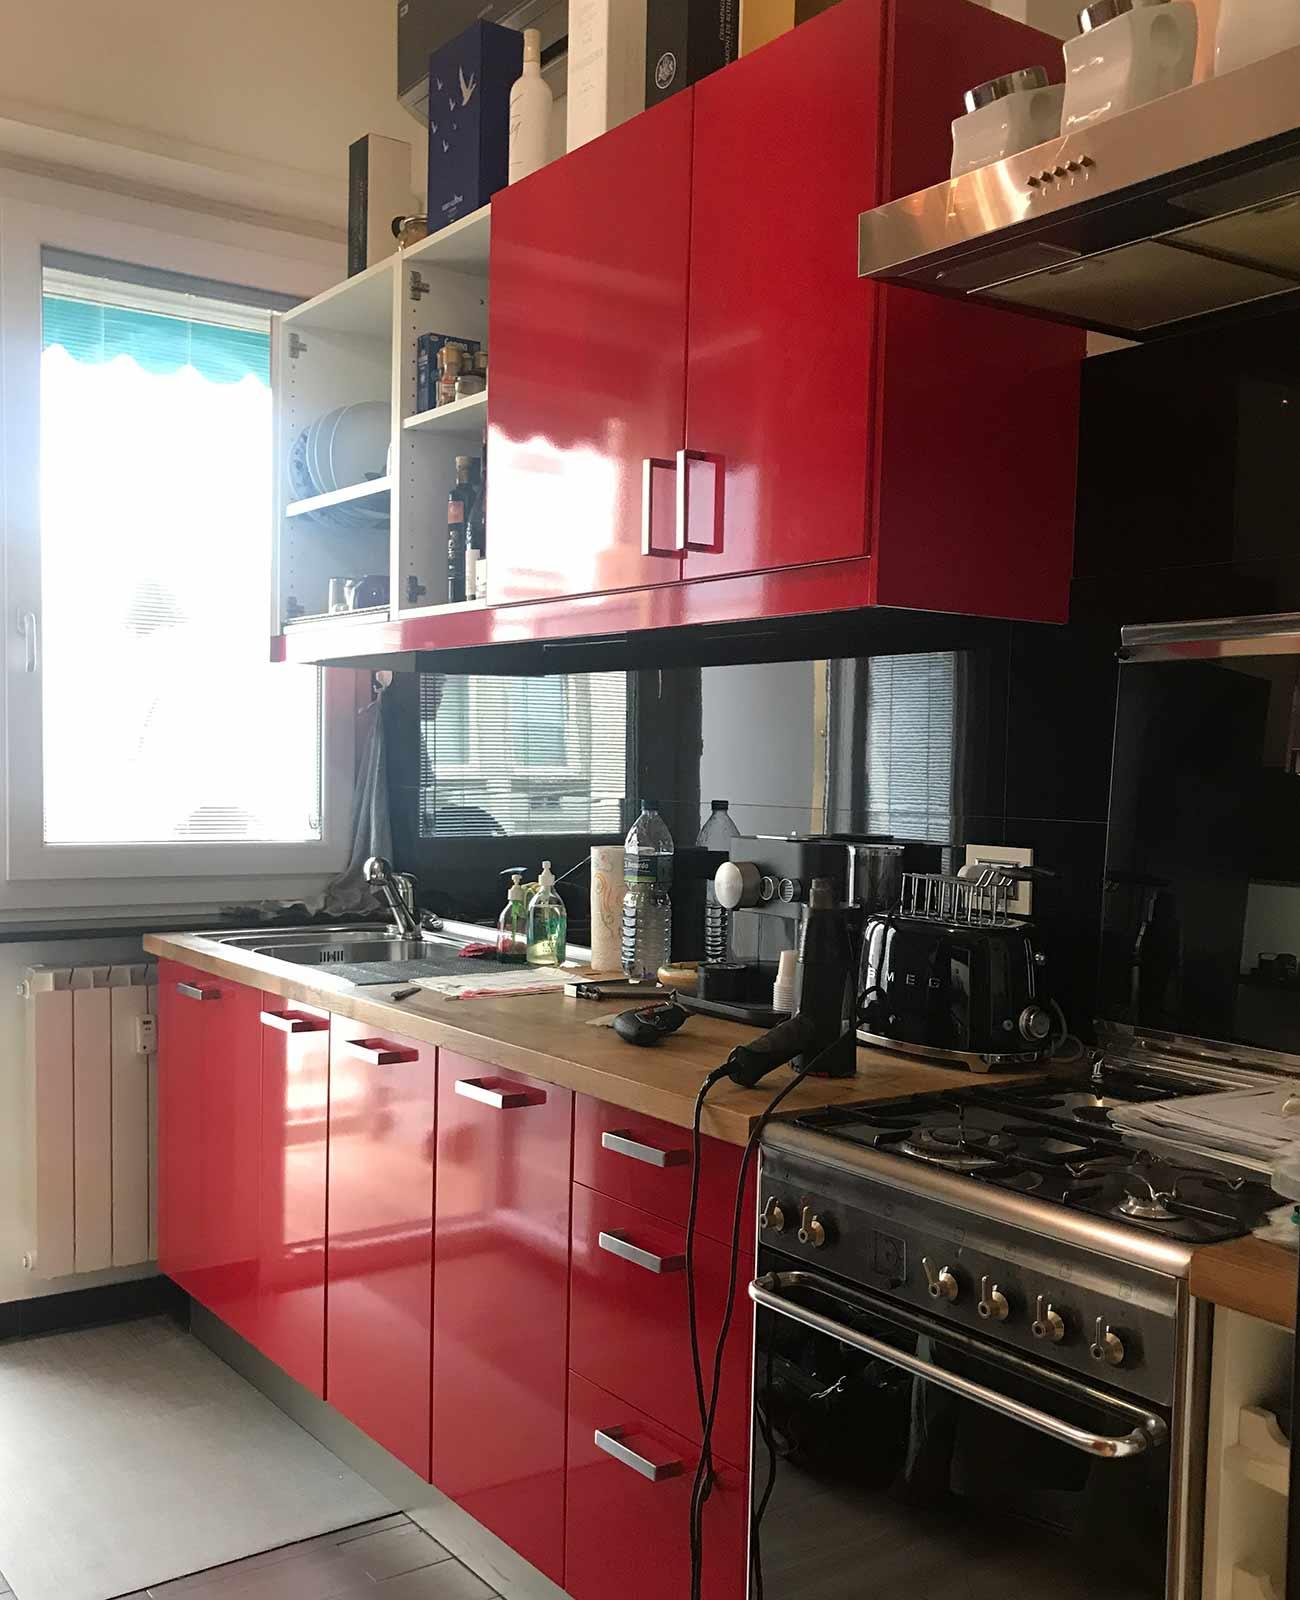 interior-cucina-wrapping-creative.jpg